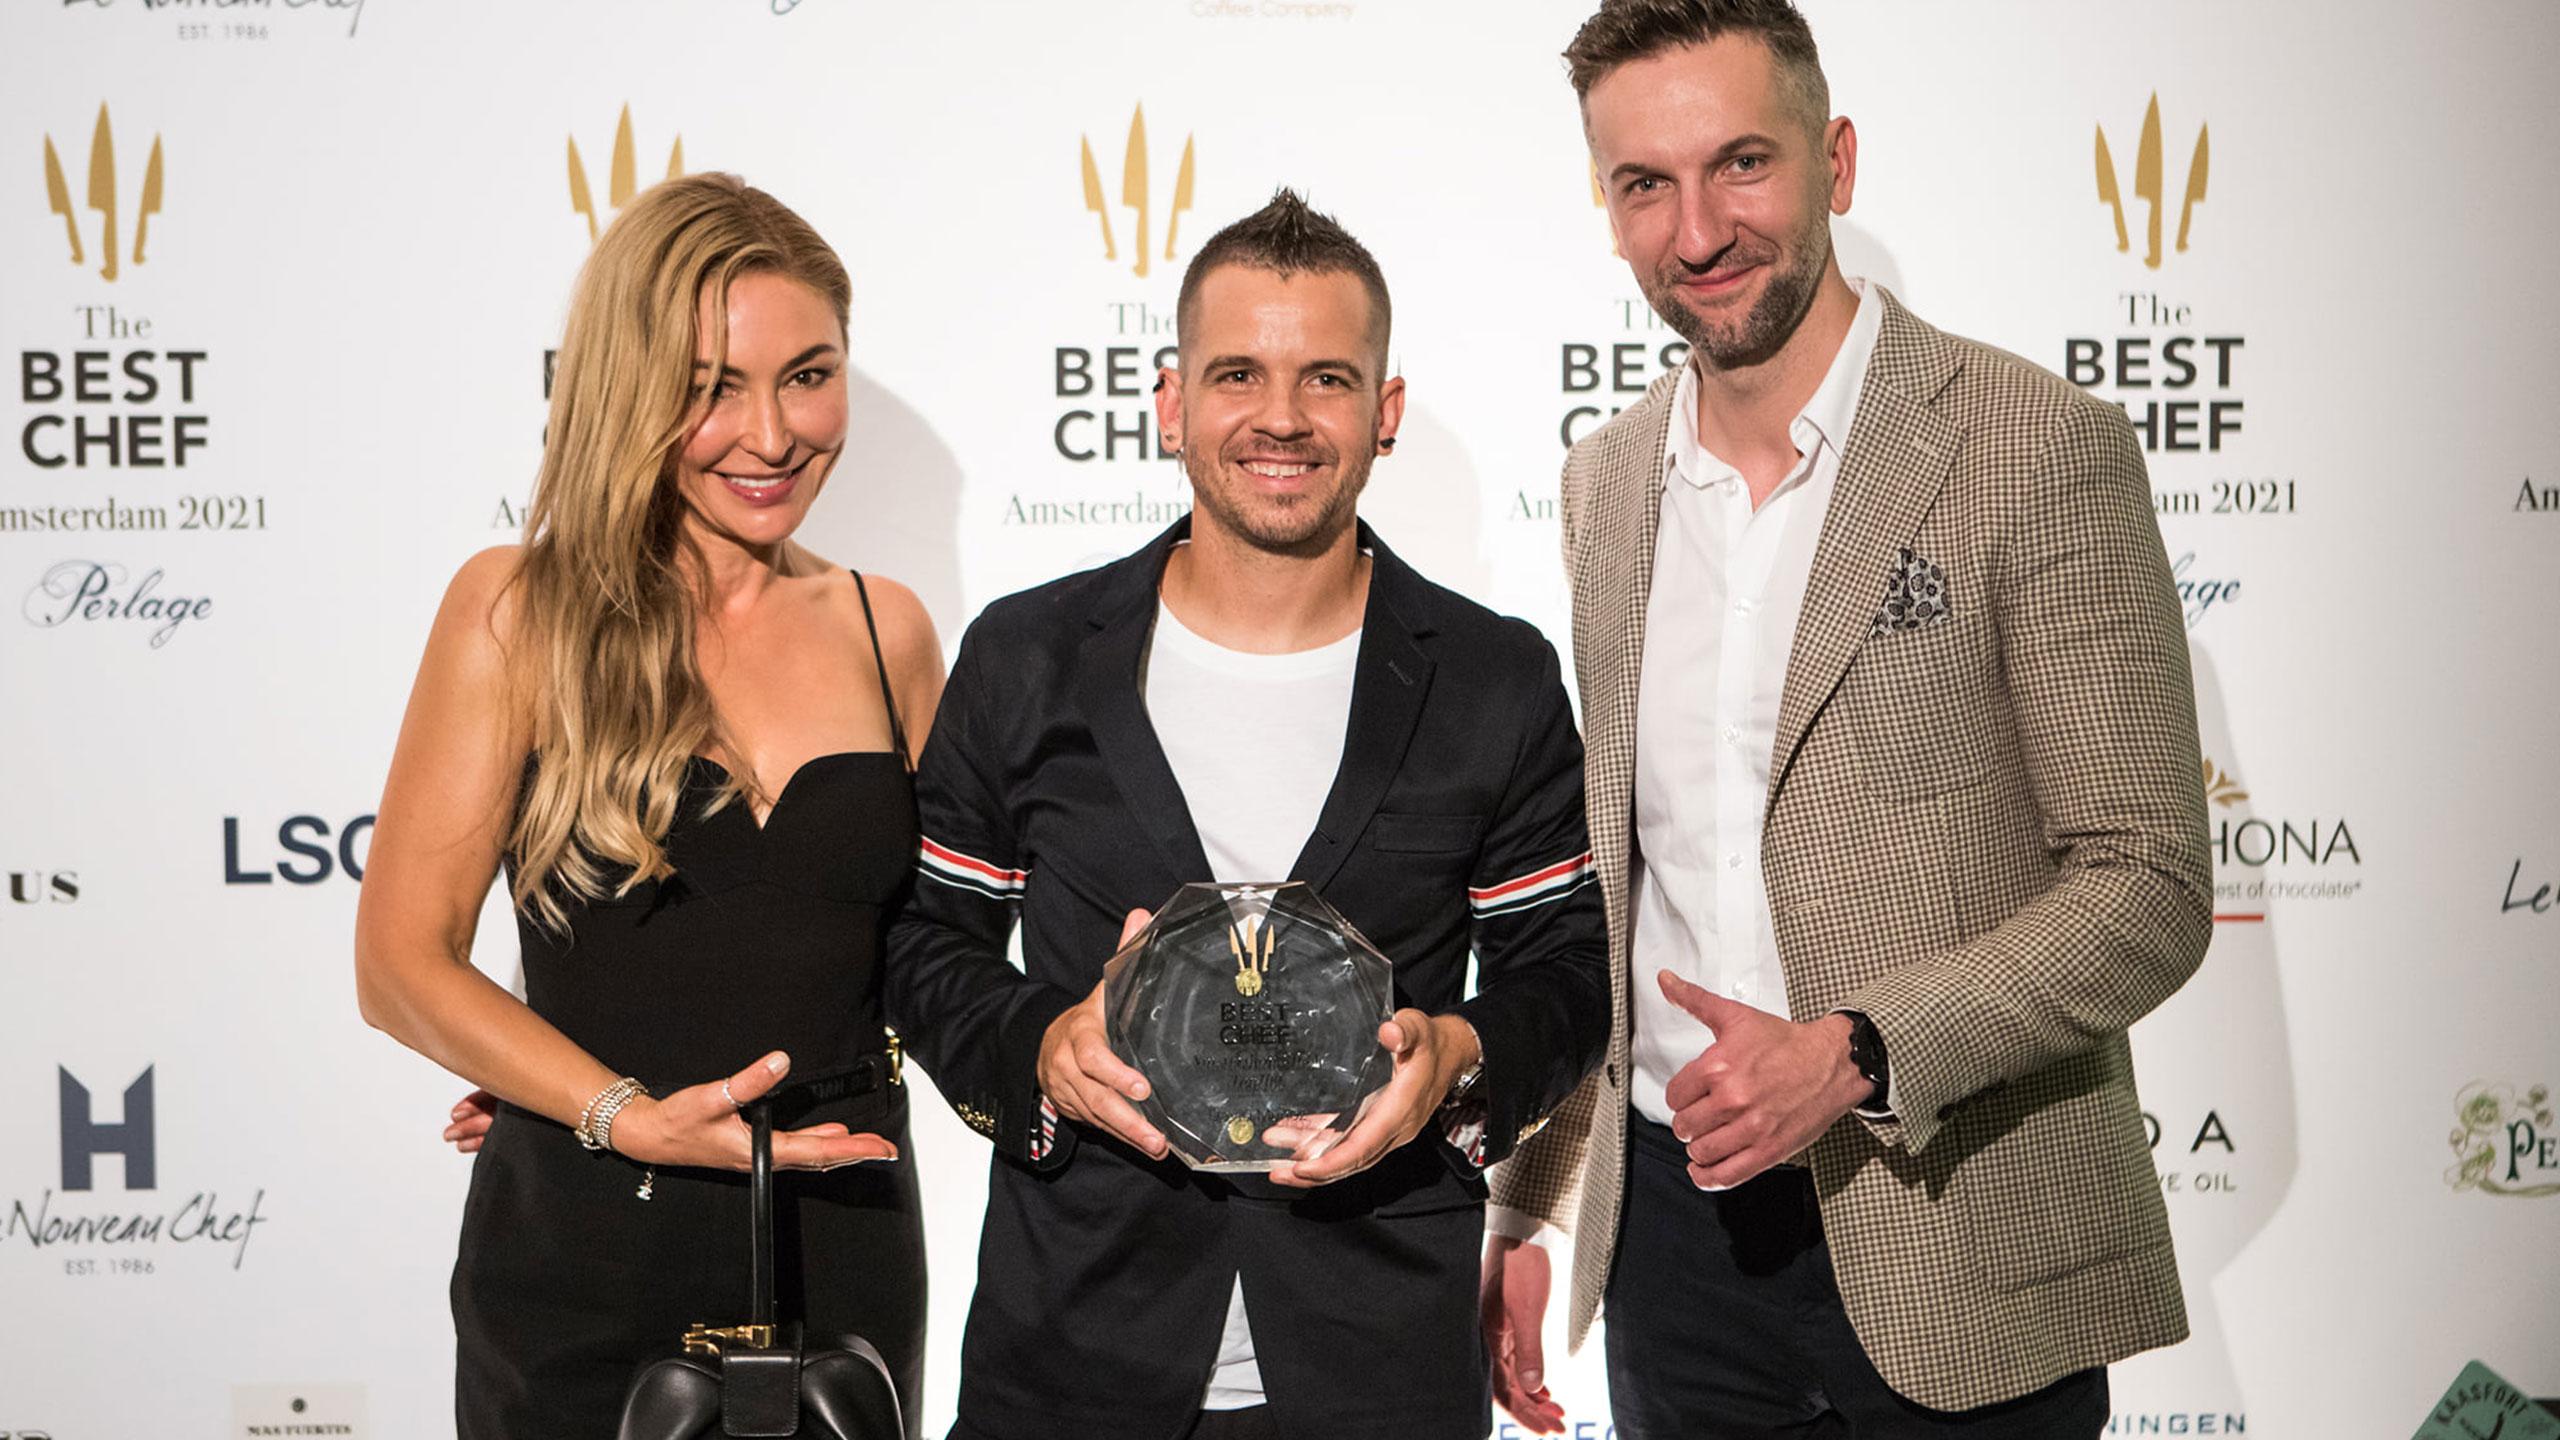 dabiz-munoz-best-chefs-awards